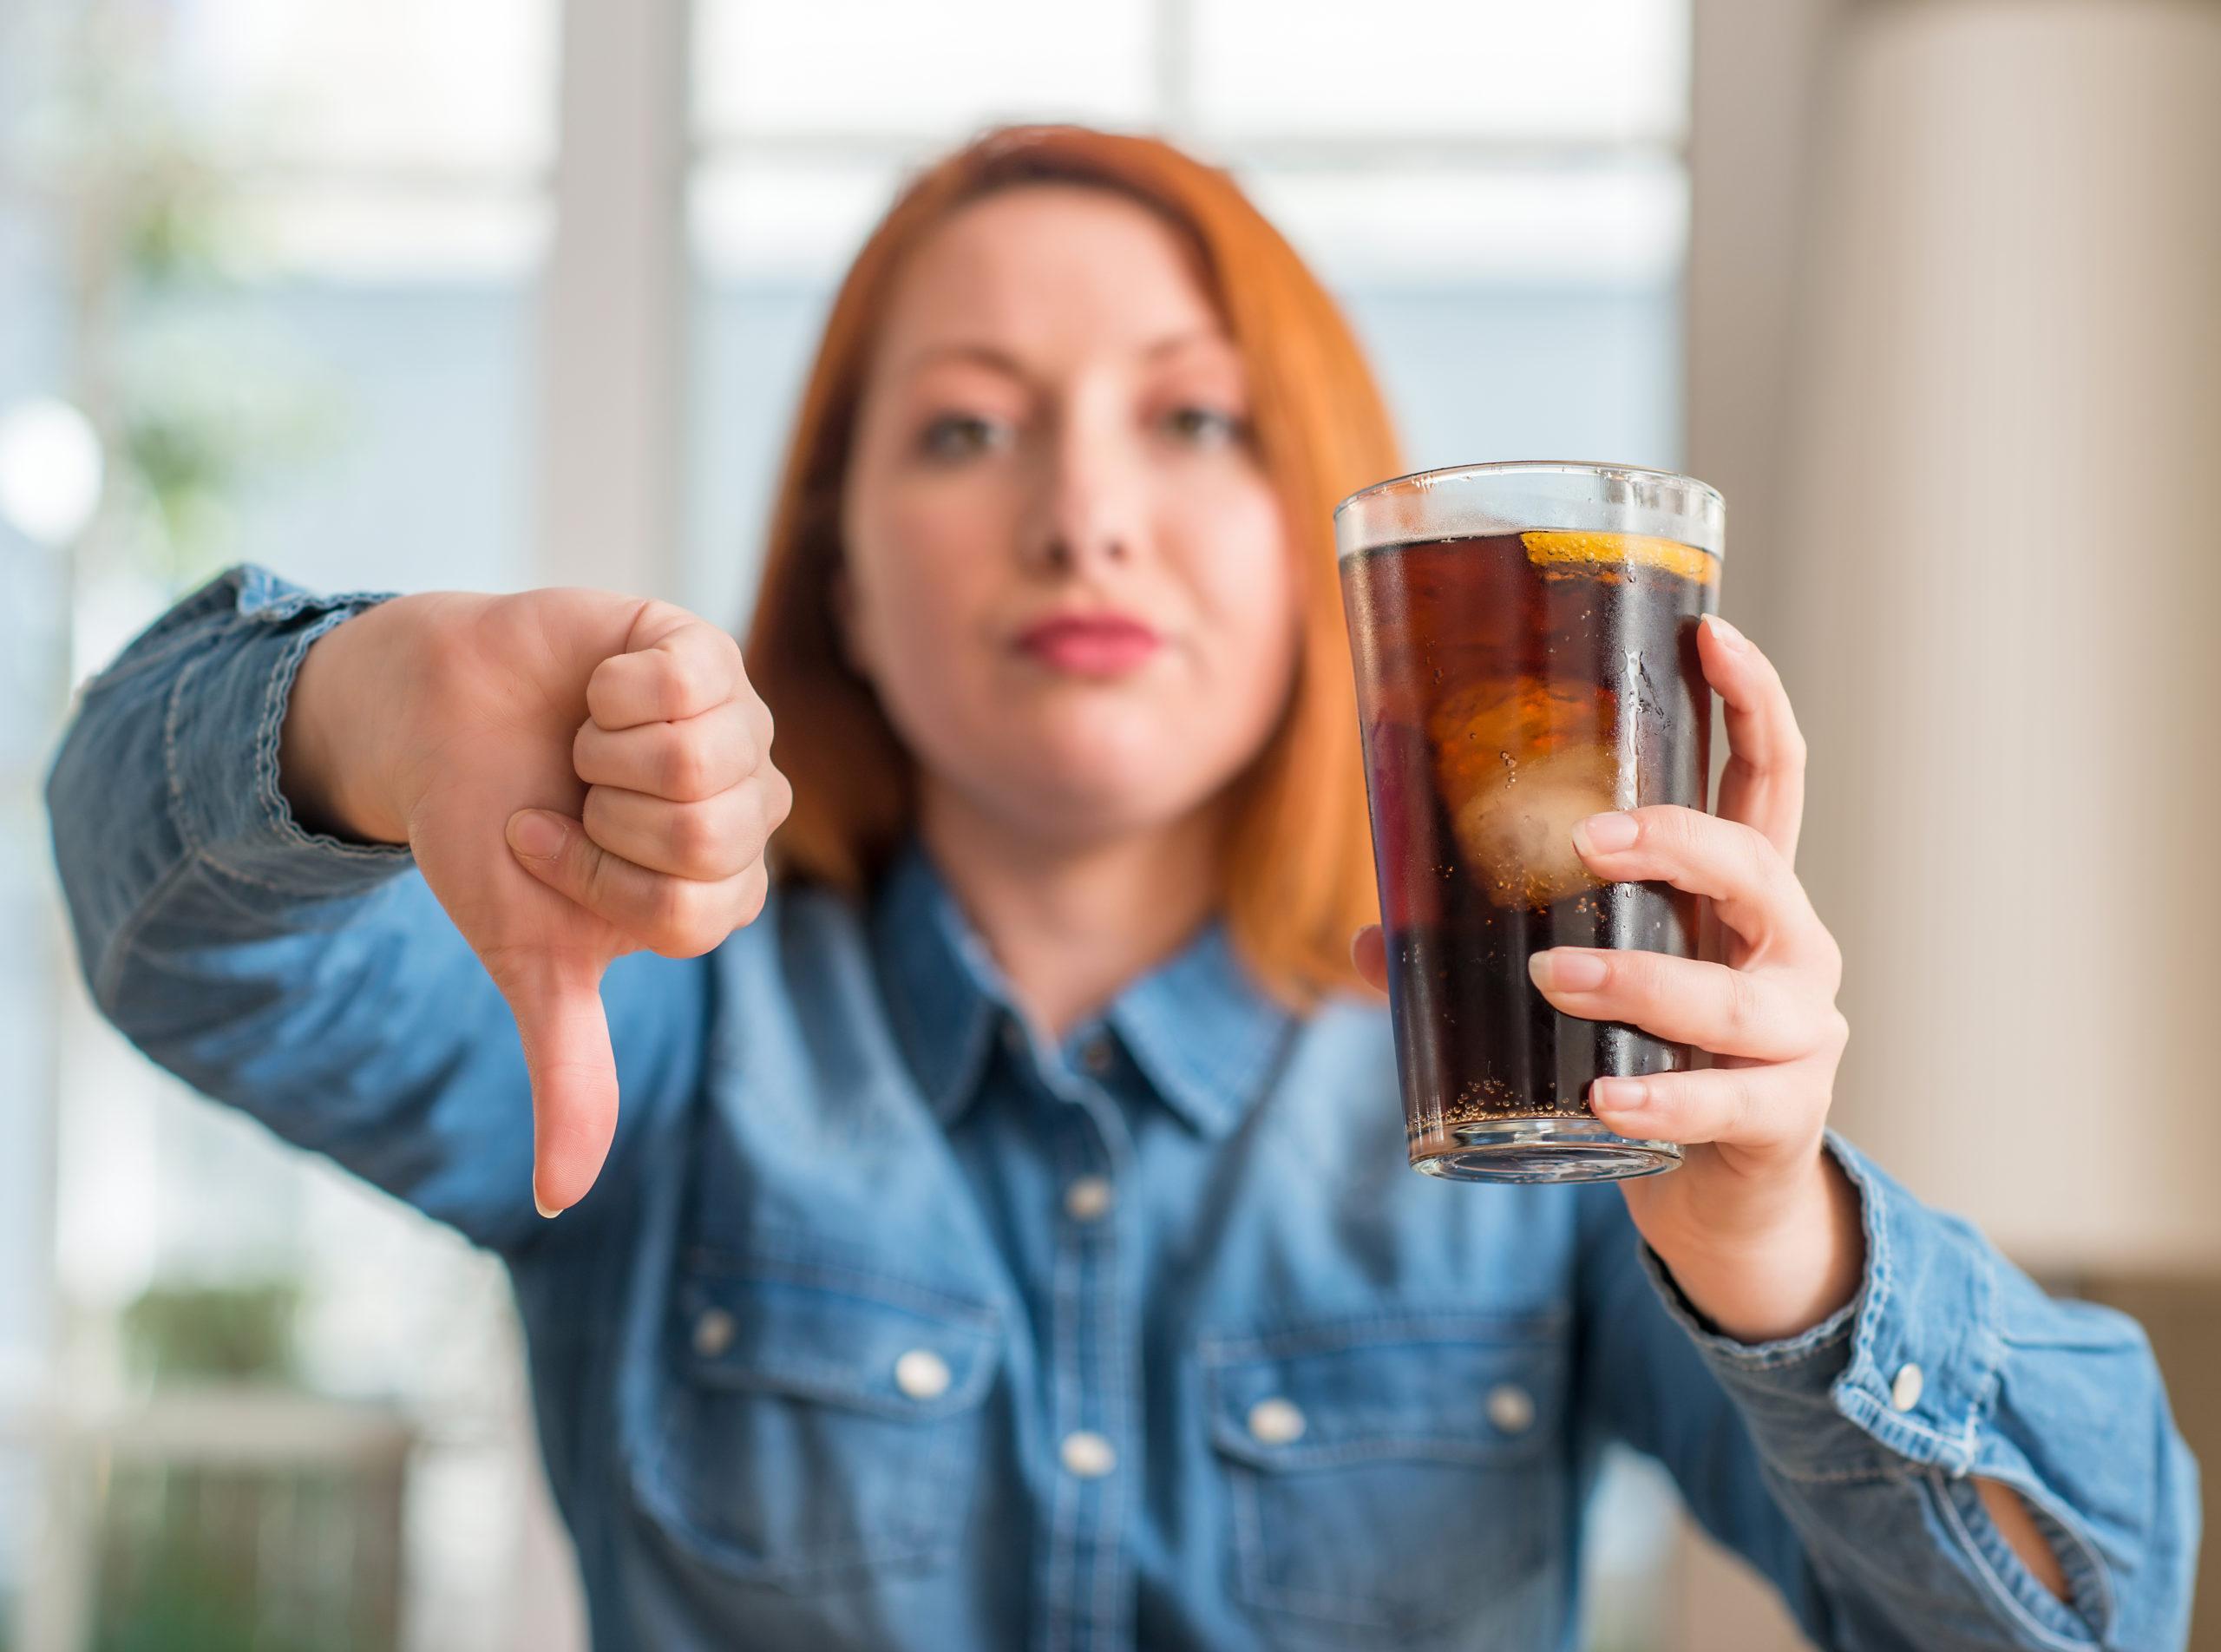 Bevande Zuccherate Una Al Giorno Aumenta Il Rischio Cuore Per Le Donne